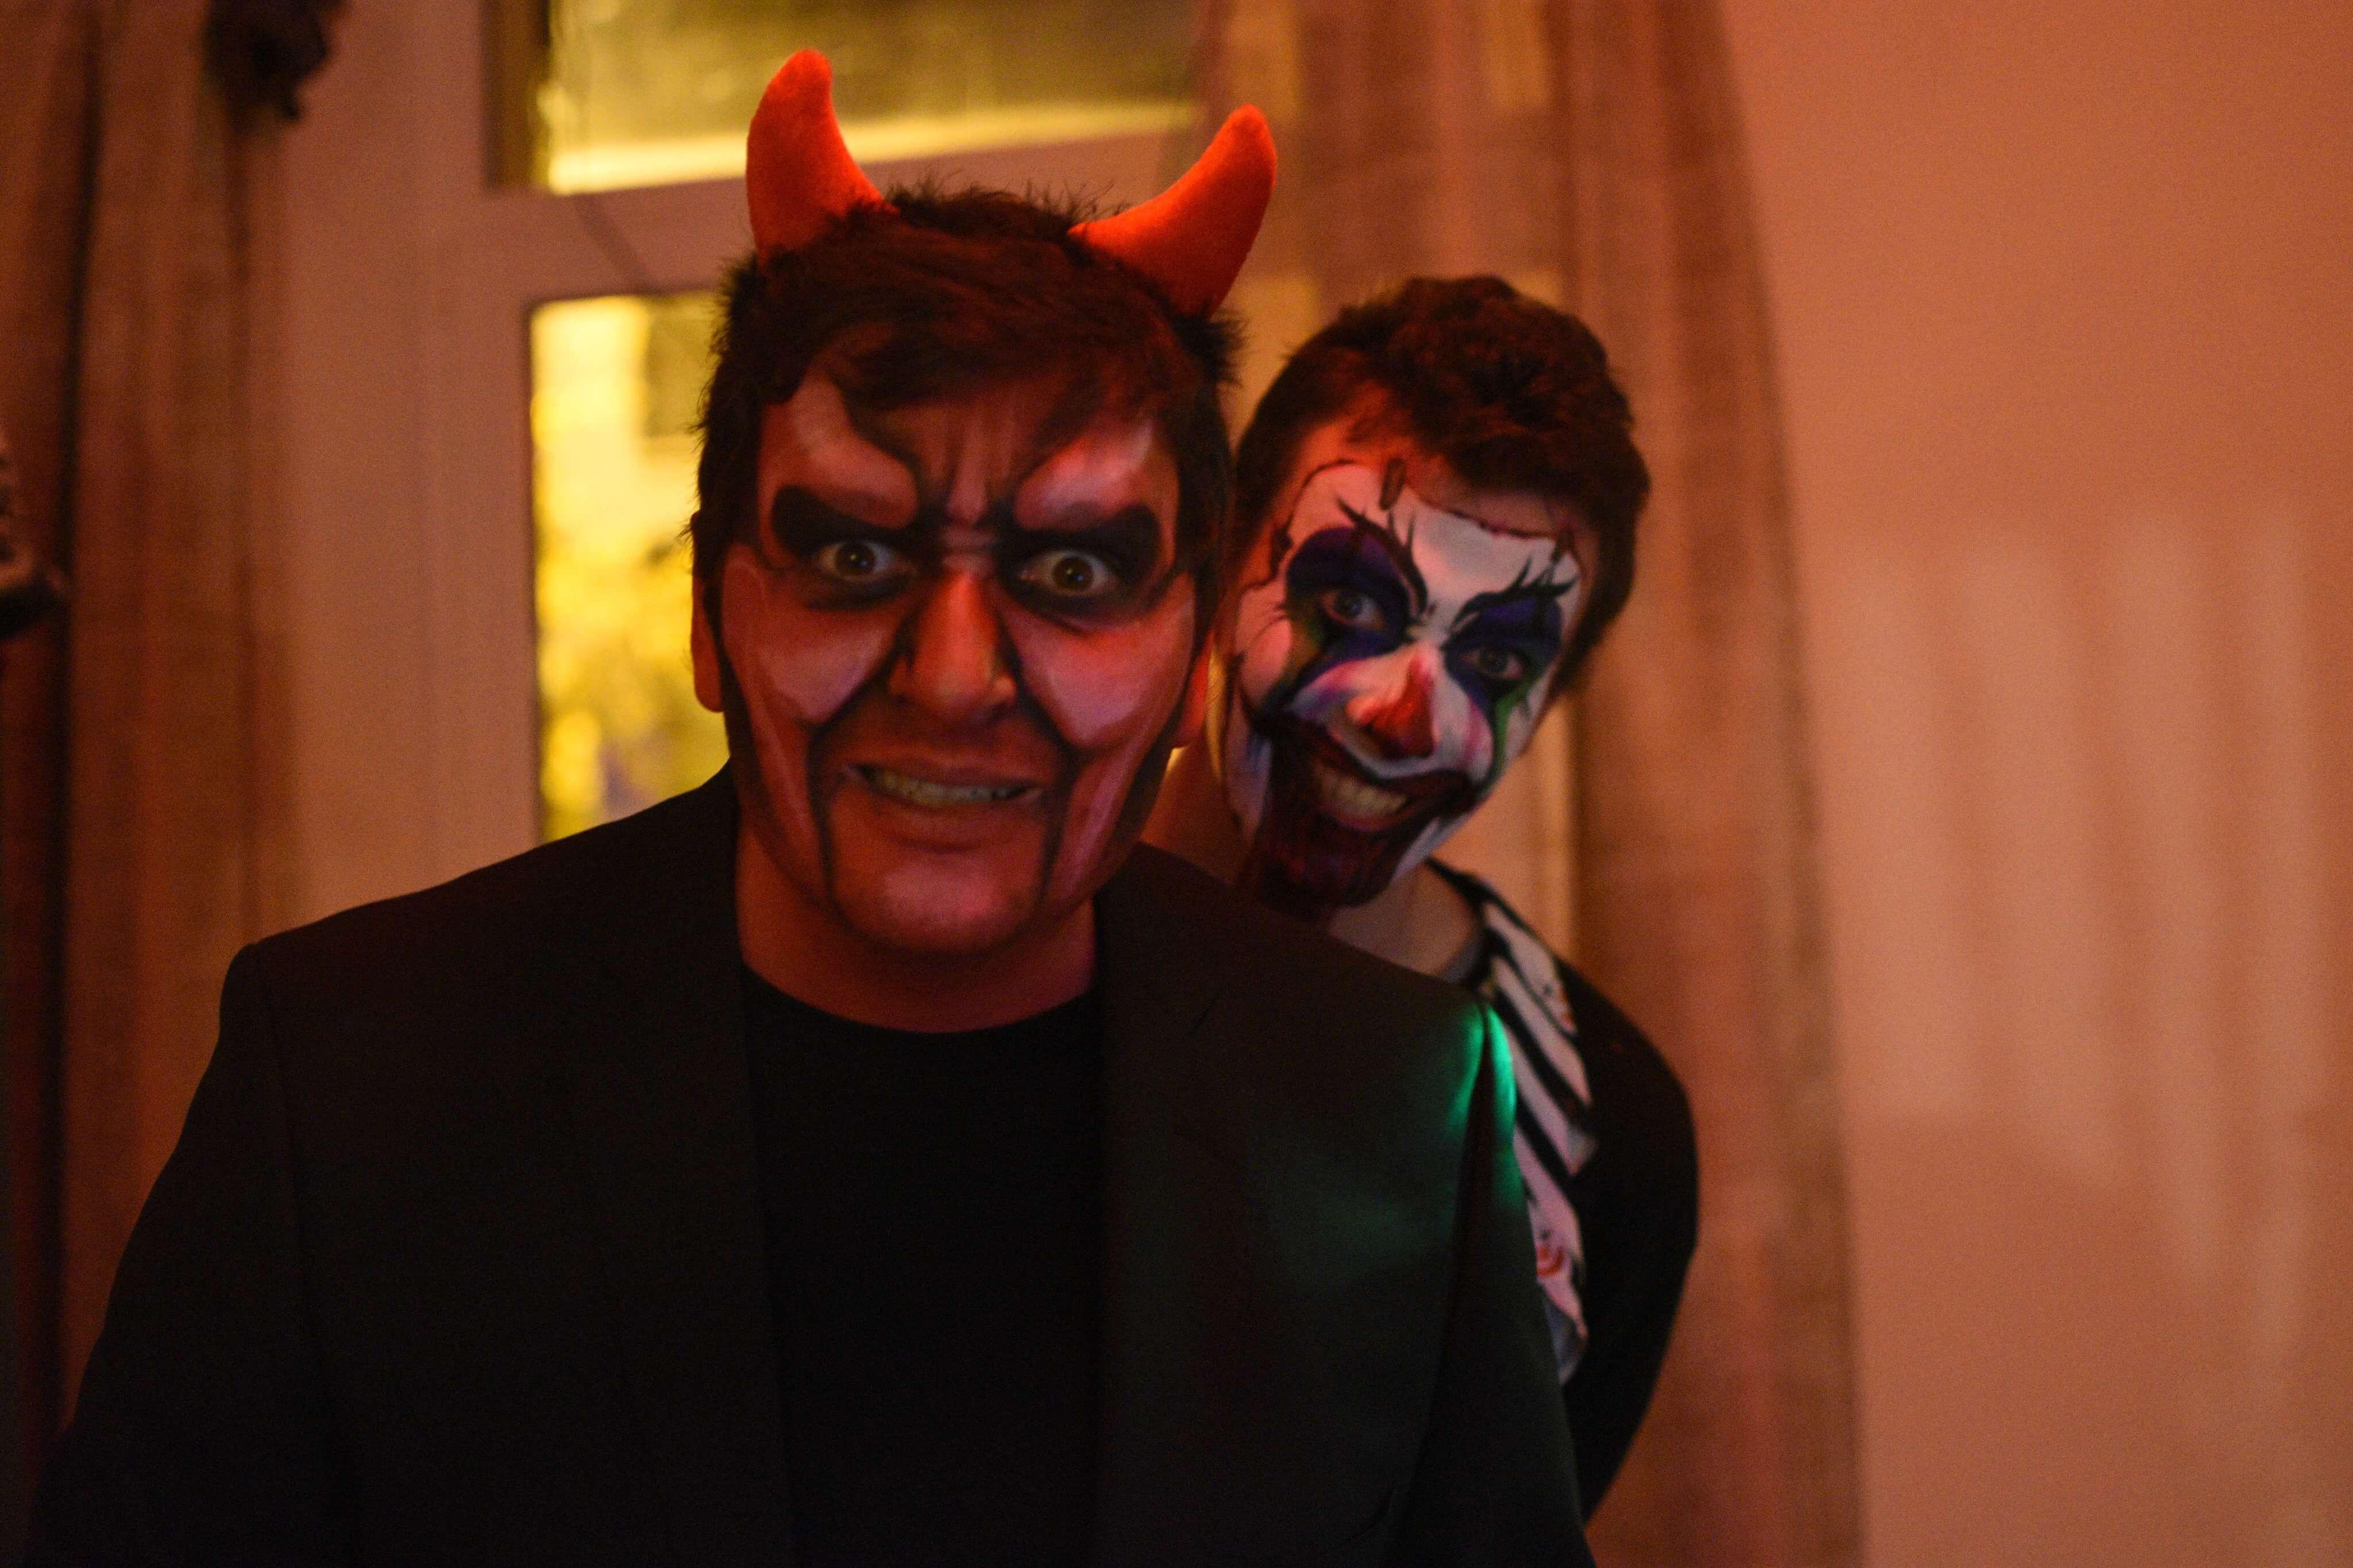 Maquillage - Grimage Adulte de diable et de clown tueur pour une soirée Halloween